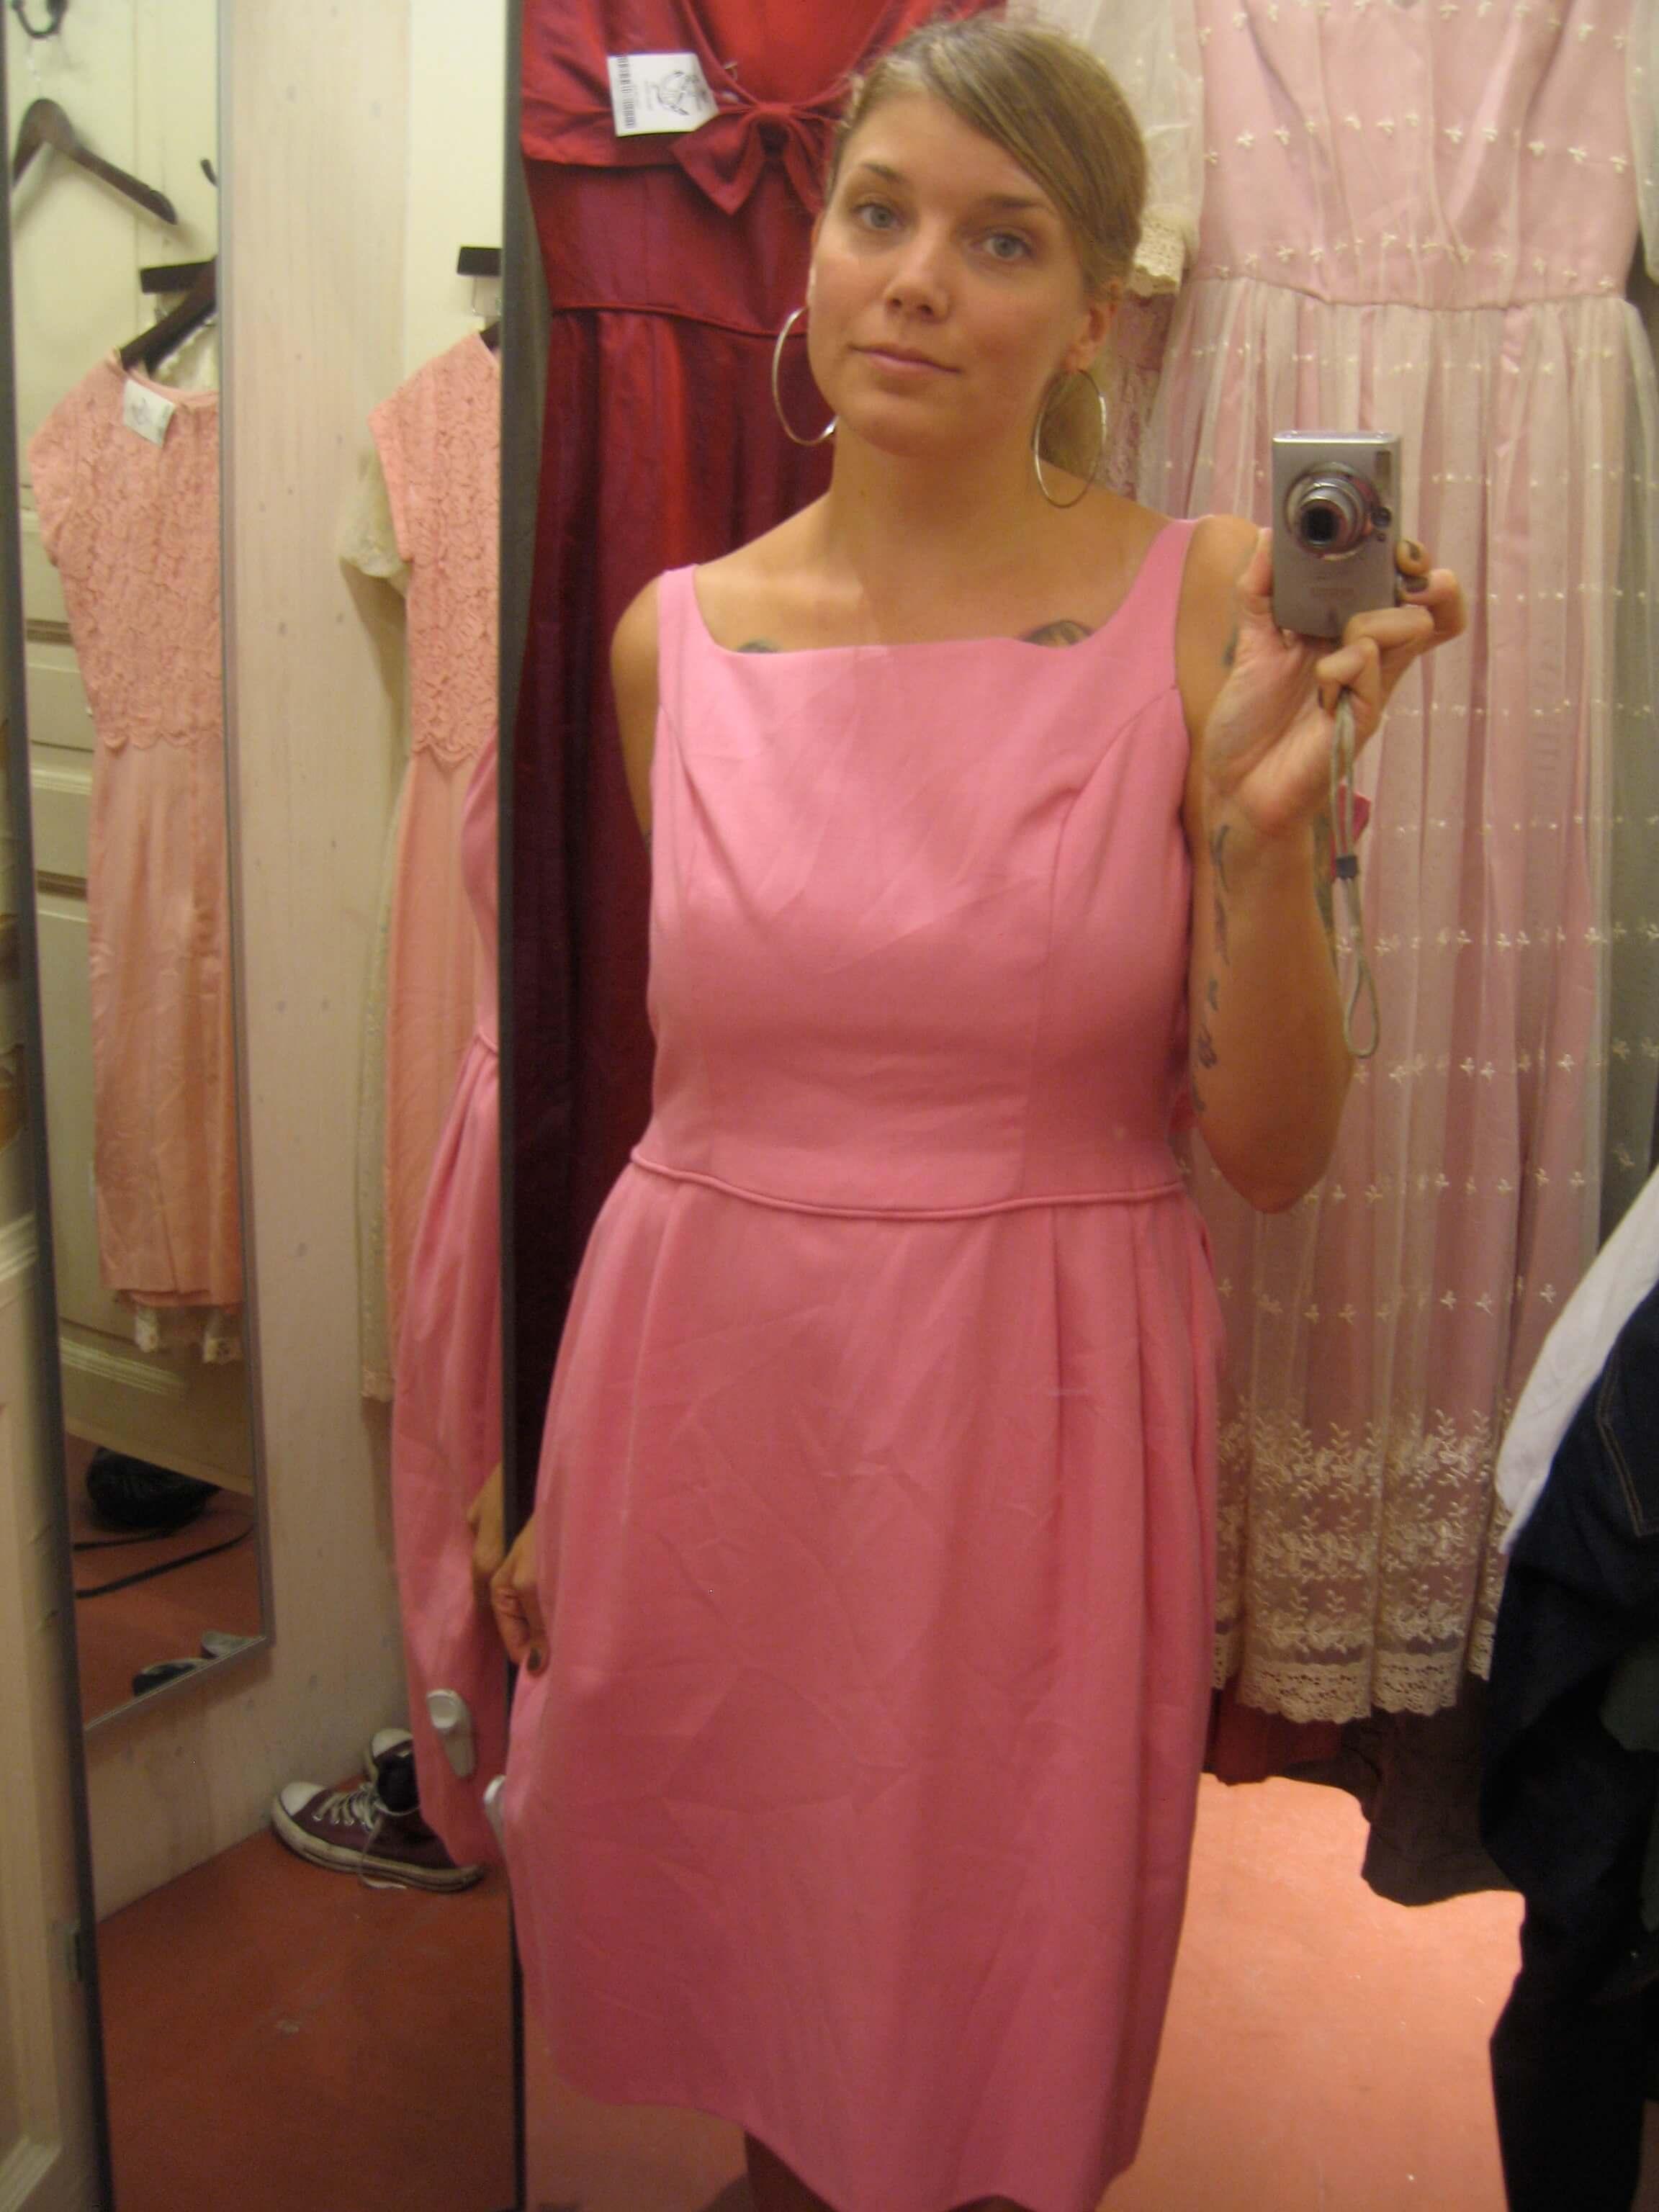 klänningar-arkiv - Sida 4 av 4 - Helen Alfvegren 28395d56fcefc